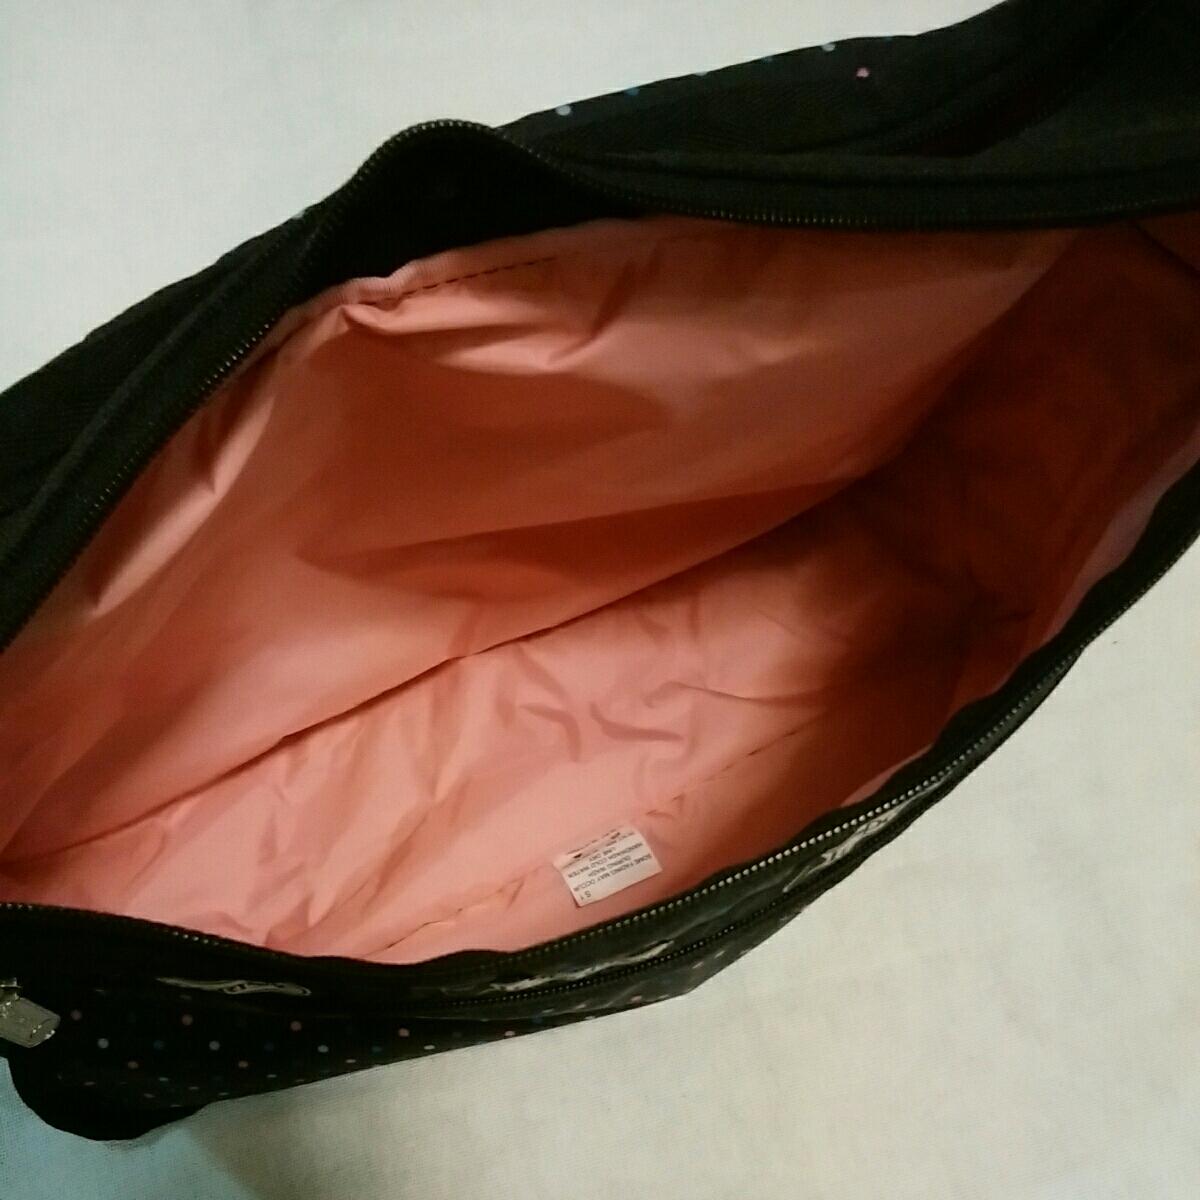 レスポートサック LeSportsac ショルダー バッグ 黒 ドット 水玉 レスポ_画像7